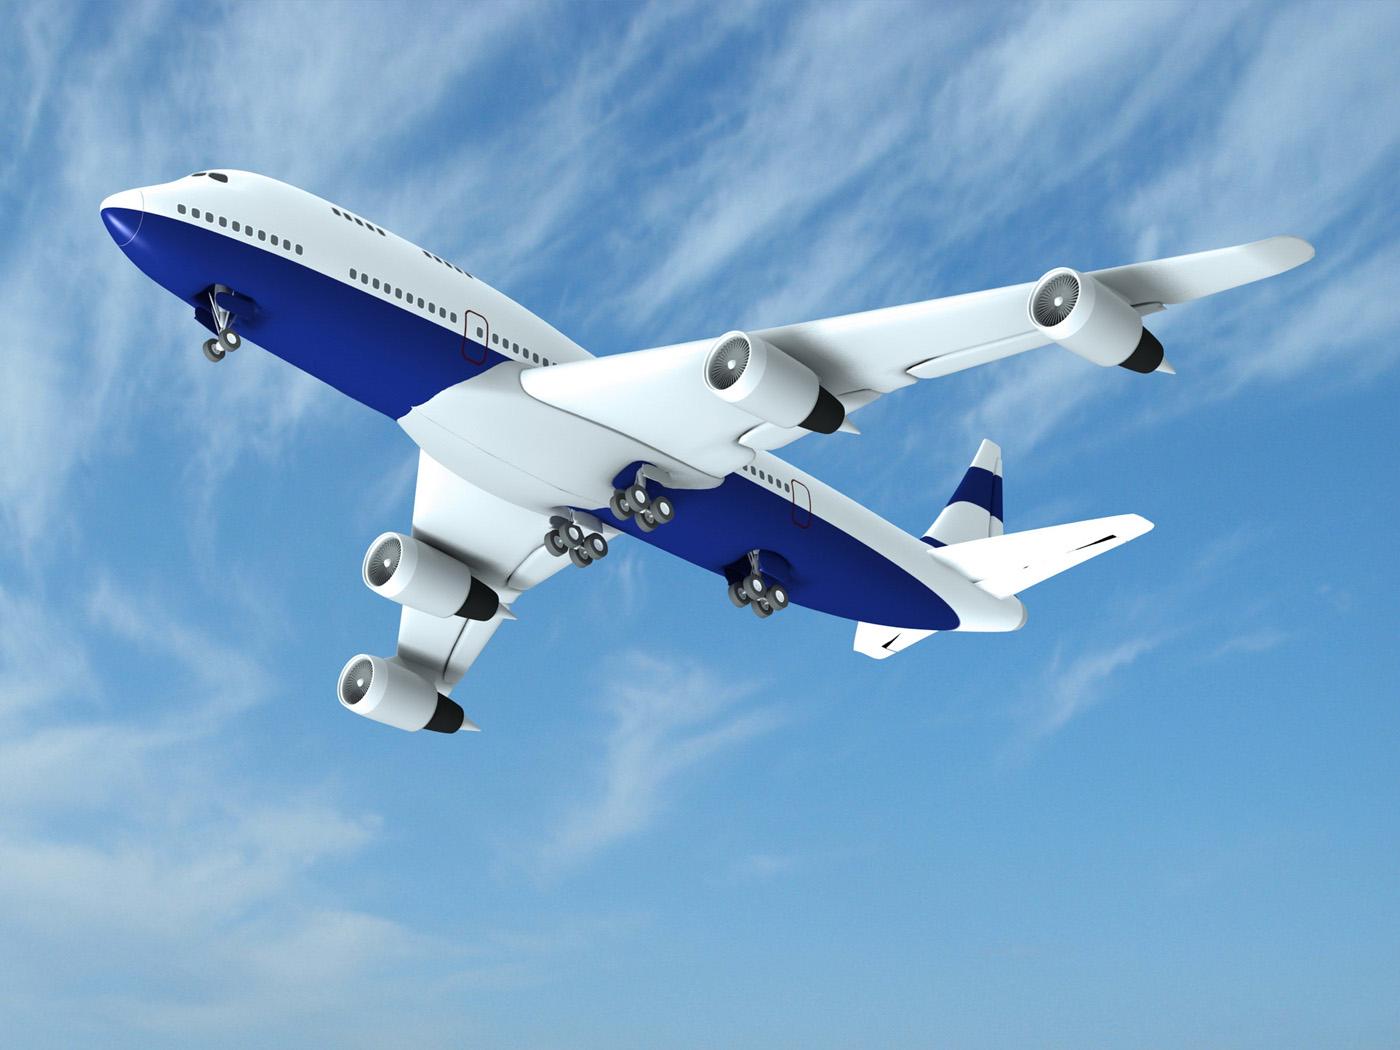 Aircraft 29171